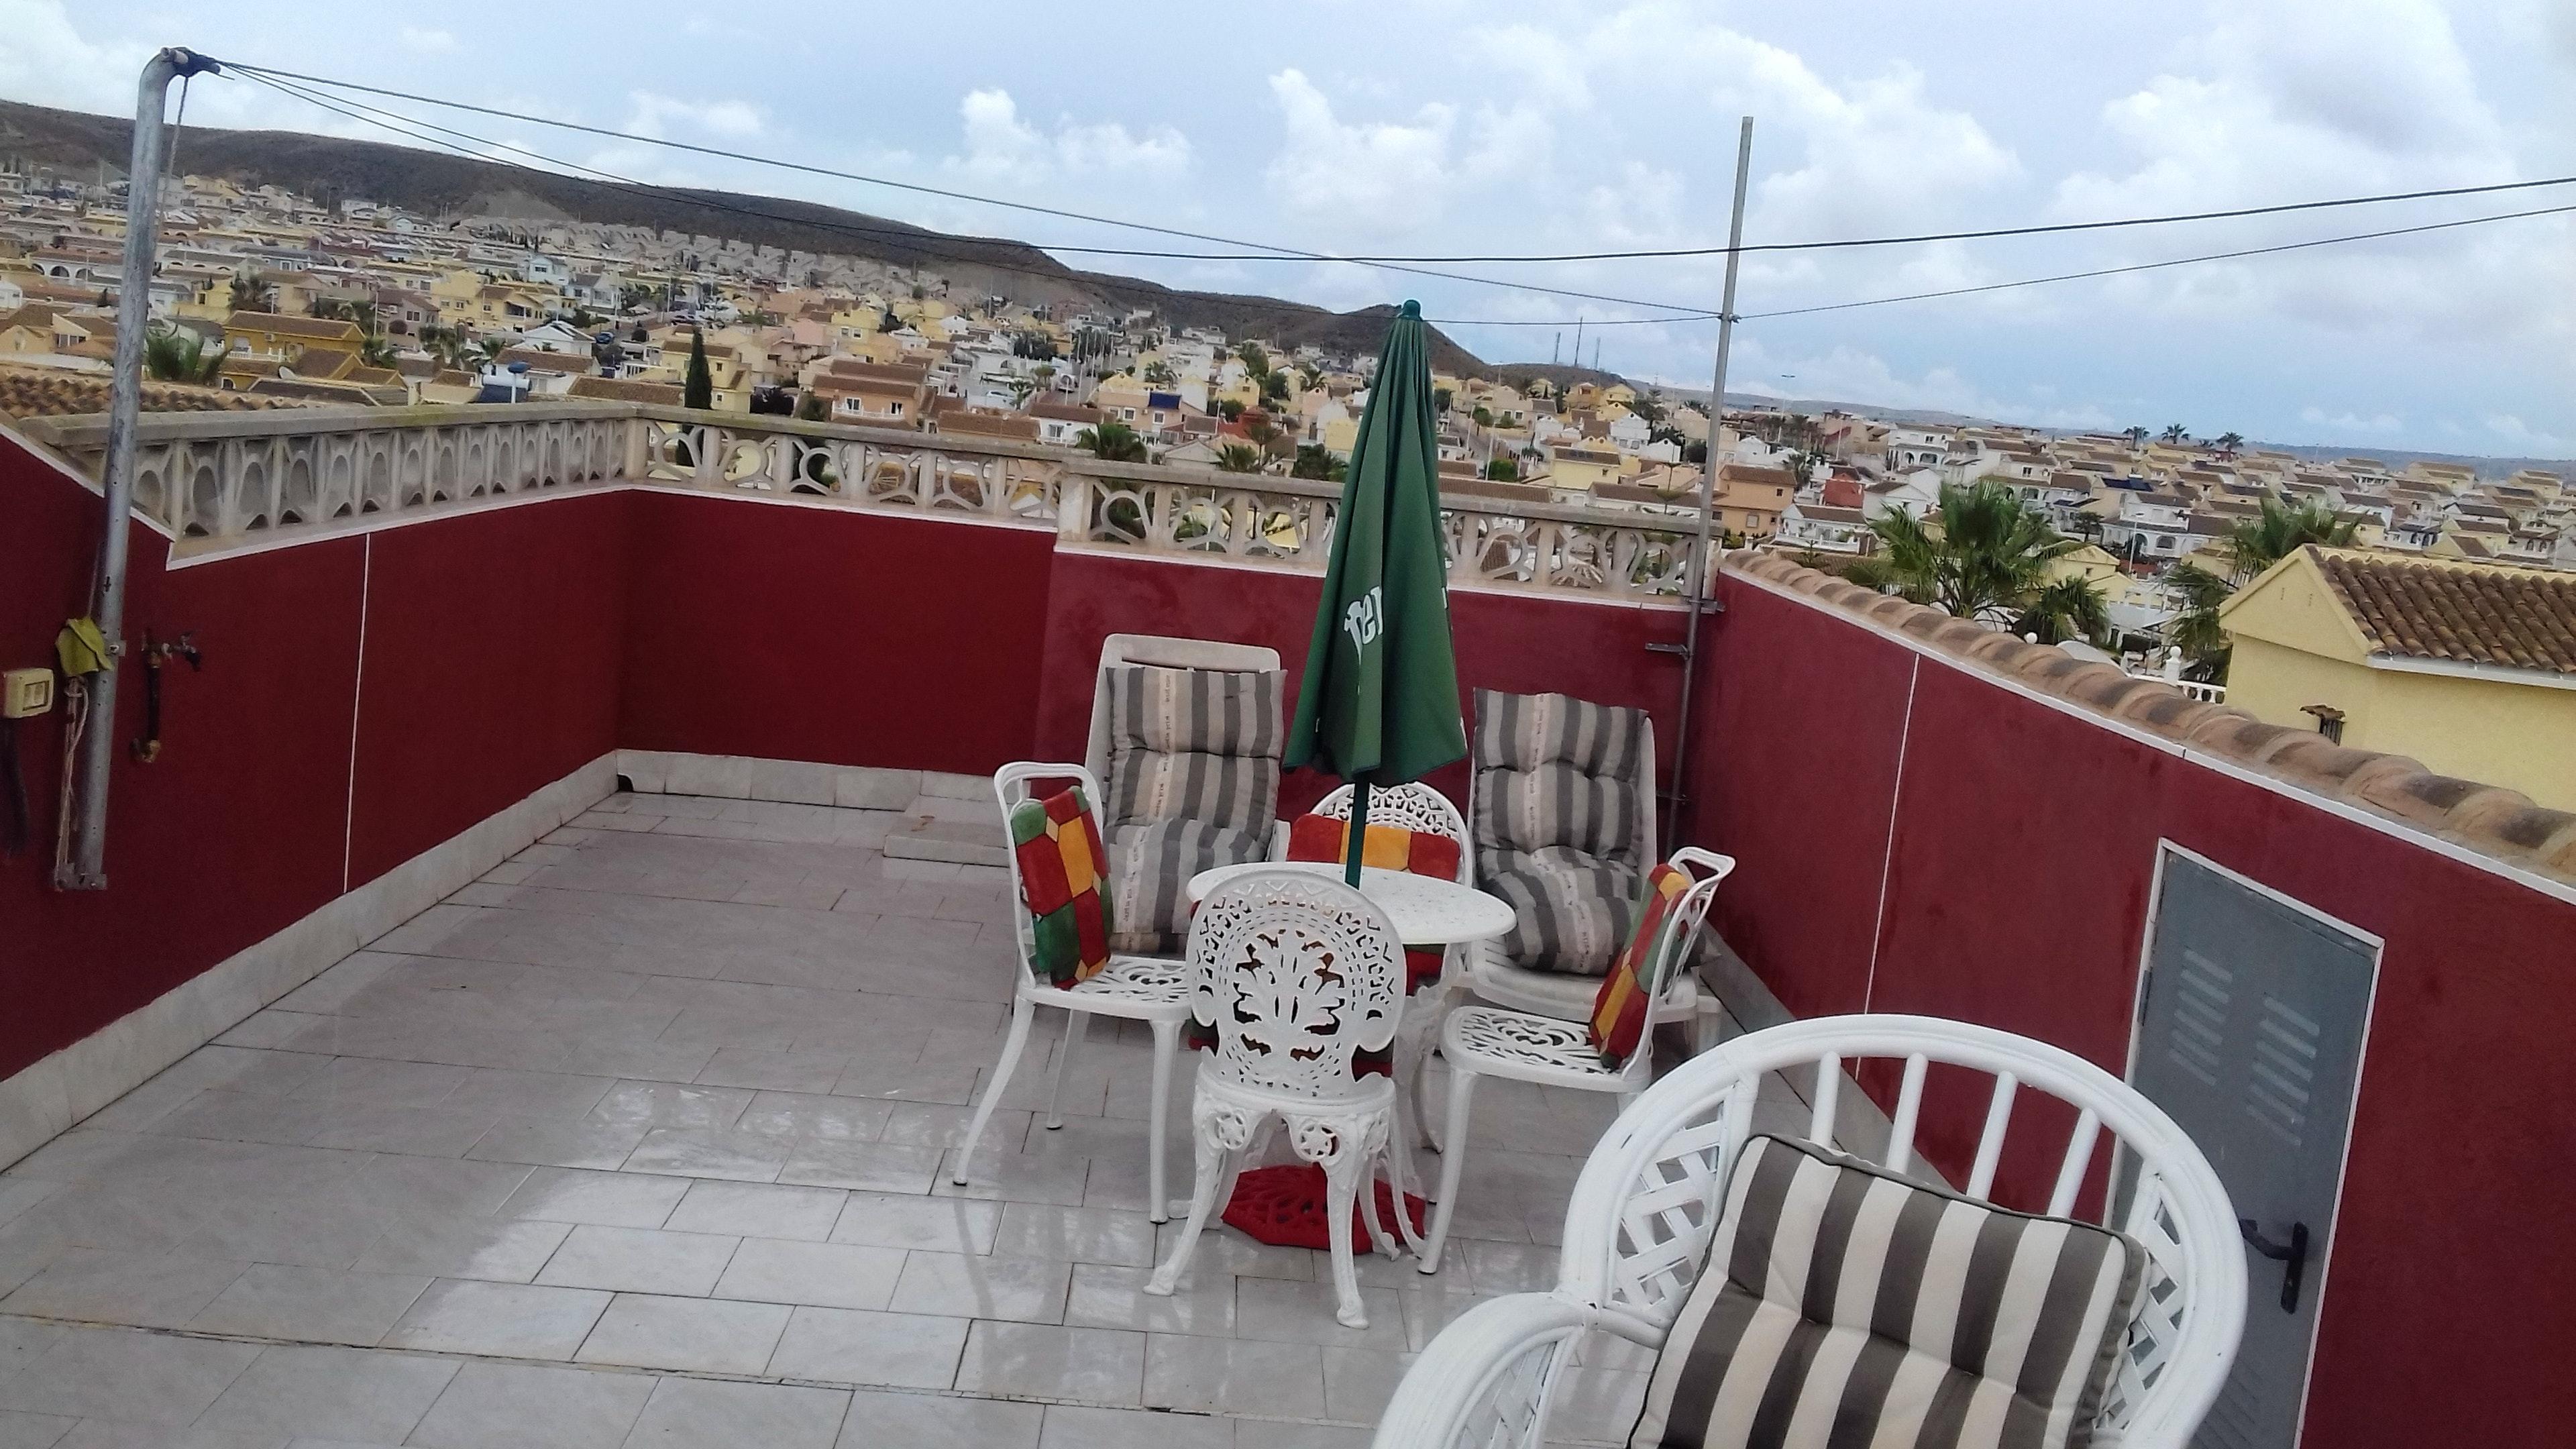 Appartement de vacances Wohnung mit 2 Schlafzimmern in Mazarrón mit toller Aussicht auf die Berge, privatem Pool,  (2632538), Mazarron, Costa Calida, Murcie, Espagne, image 44